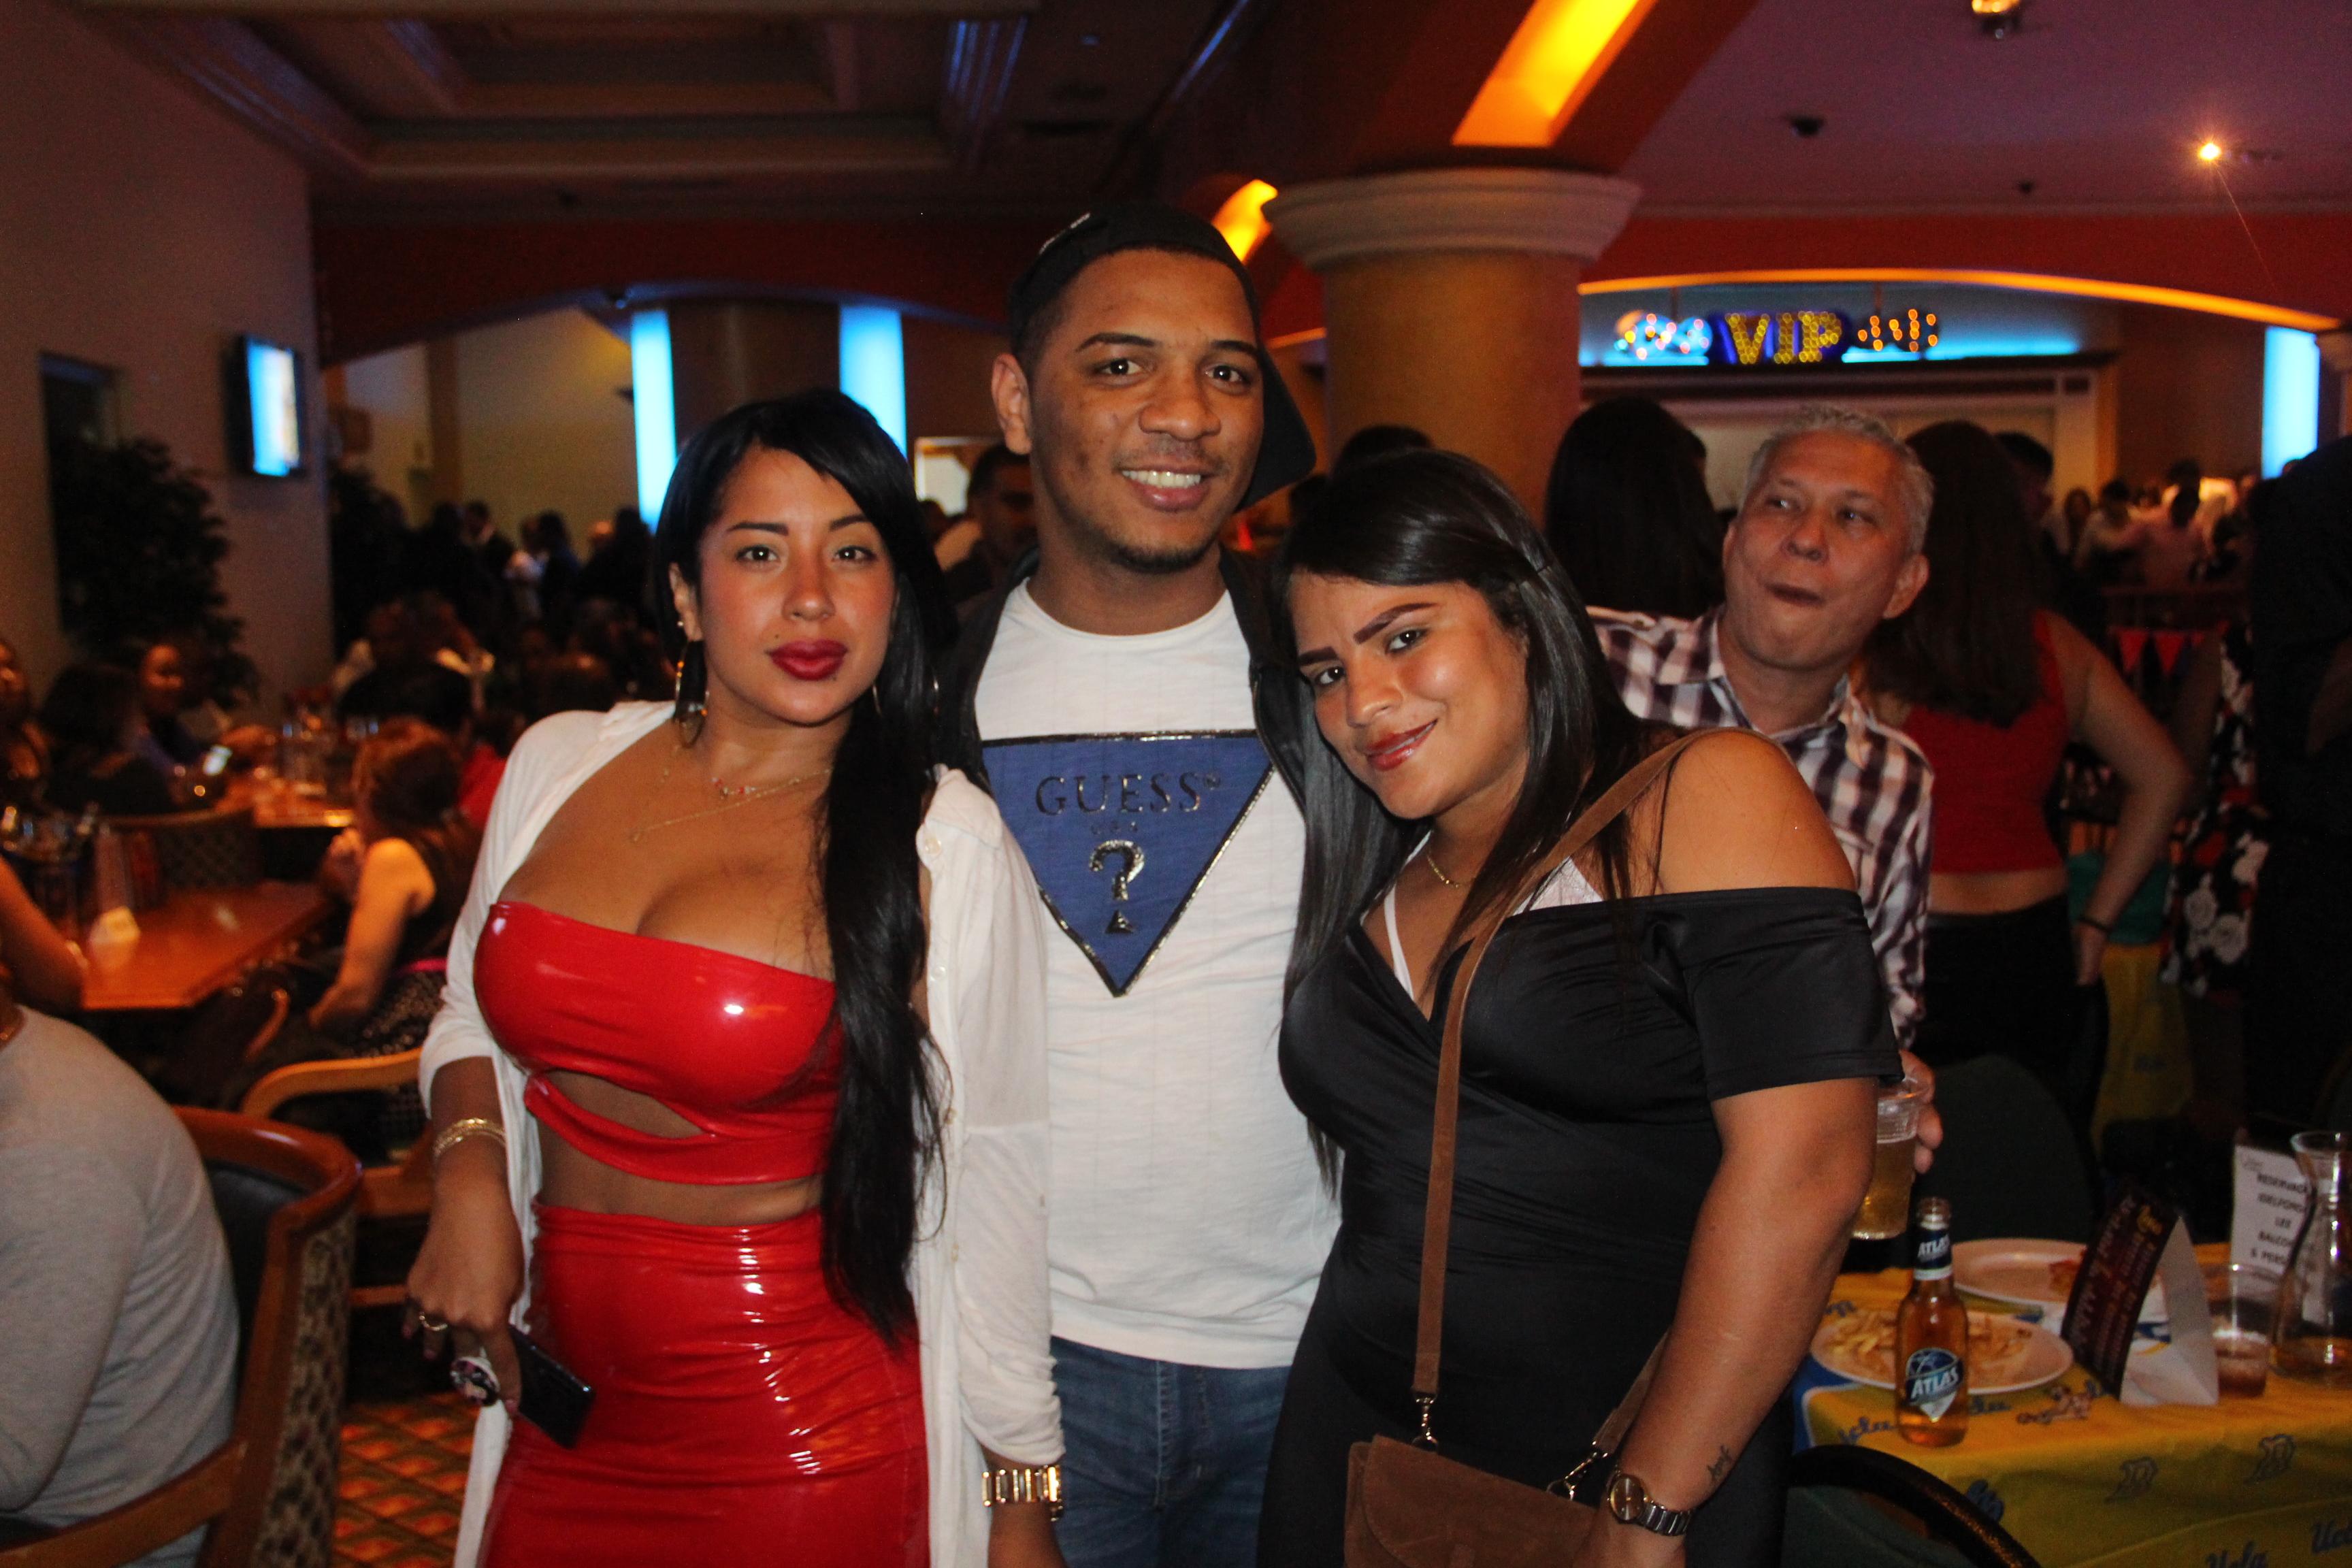 RoyalCasino at the Marriott